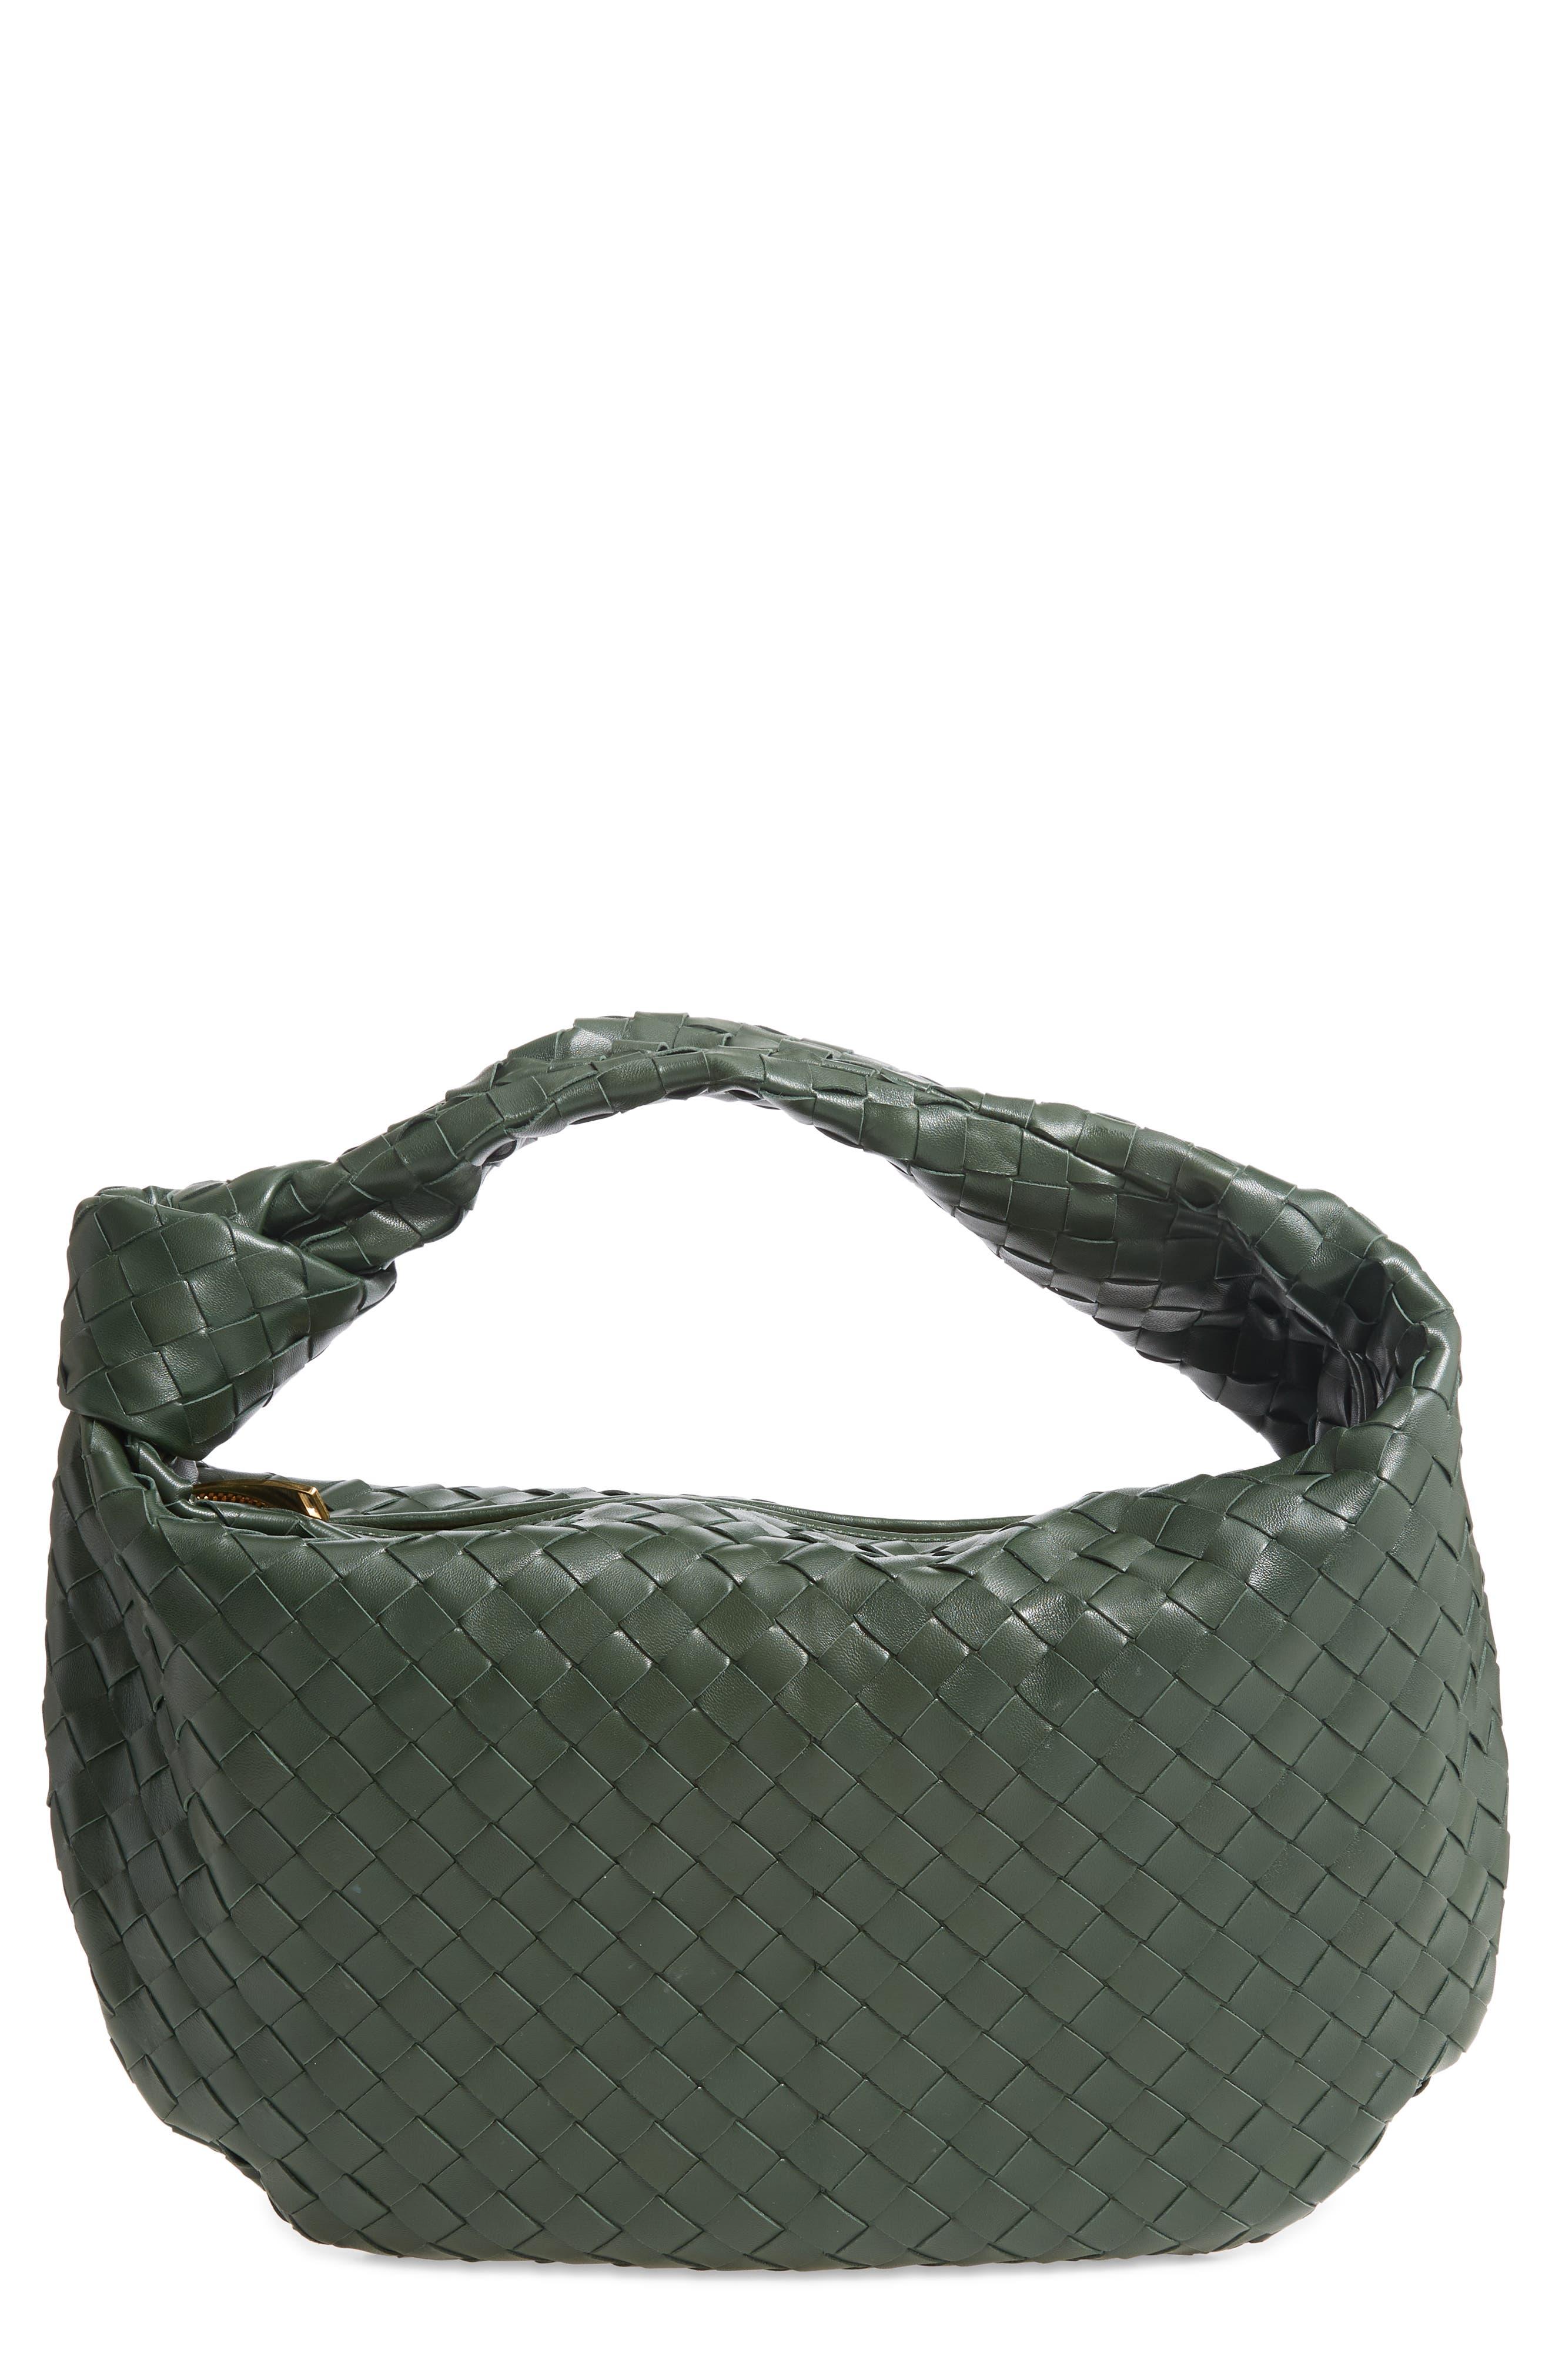 Bottega Veneta BV Jodie Leather Hobo Bag   Nordstrom